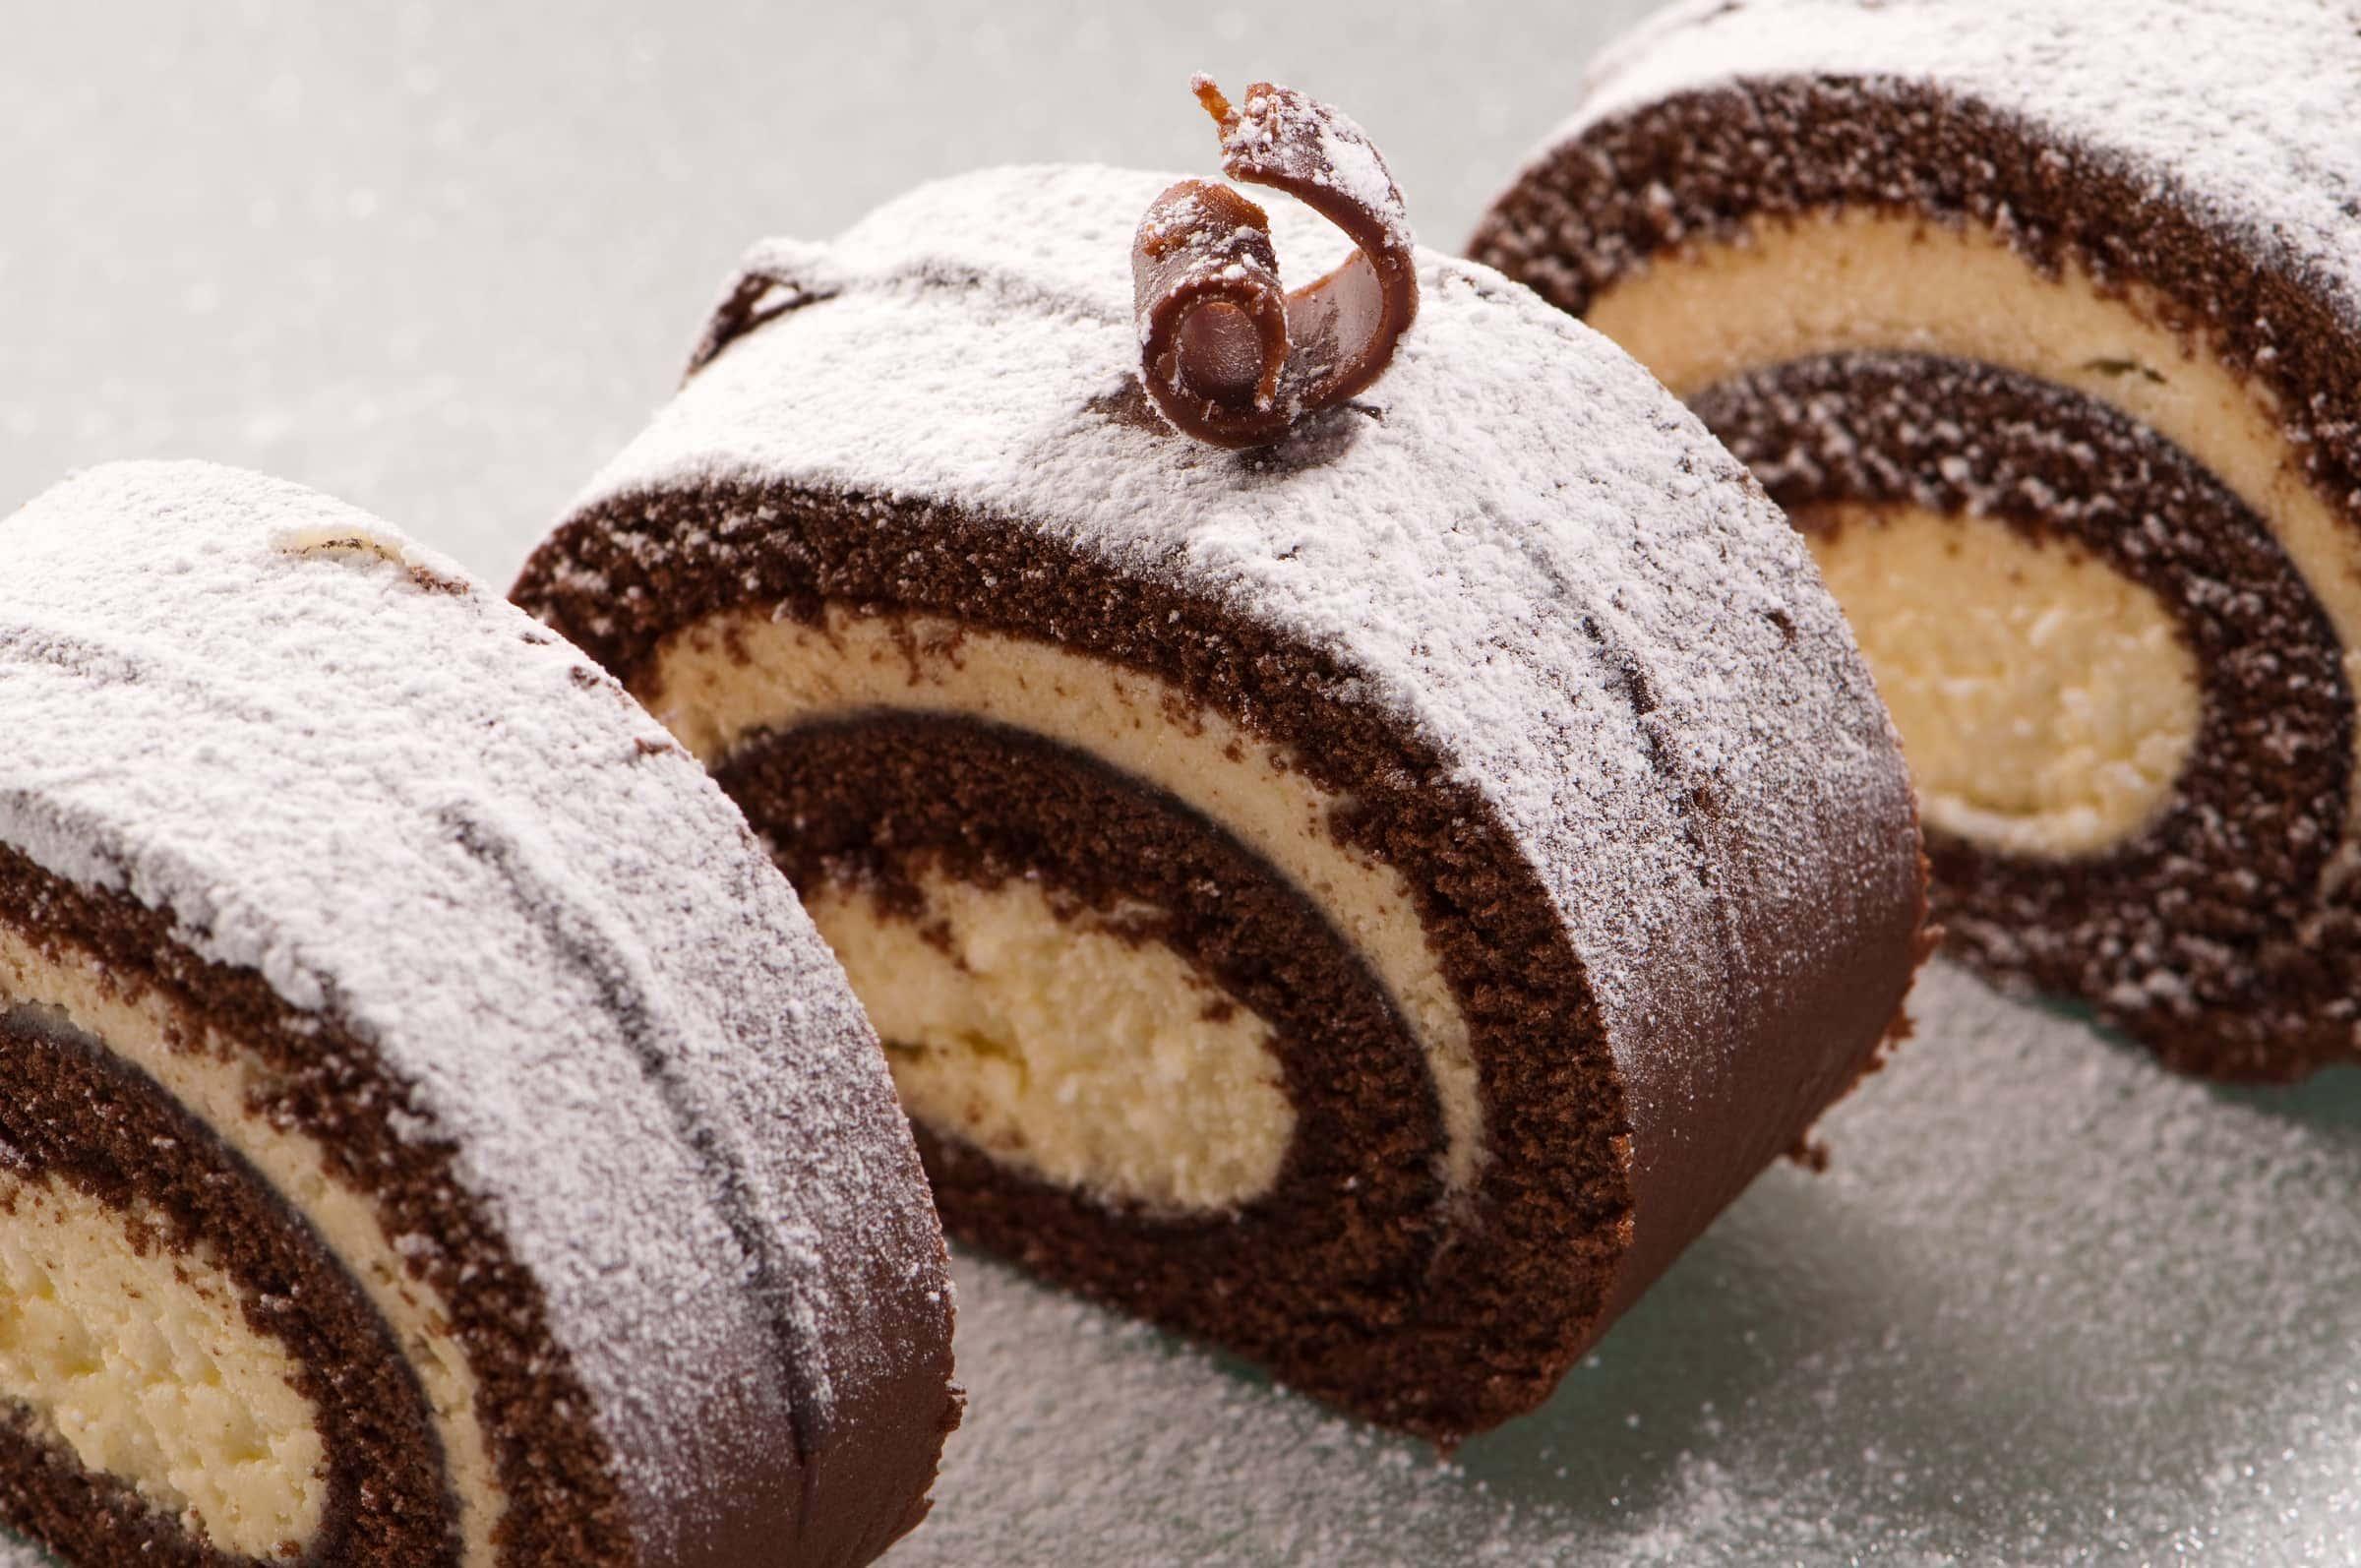 Ricetta Tronchetto Di Natale Alla Nutella.Tronchetto Di Natale Al Tiramisu E Nutella